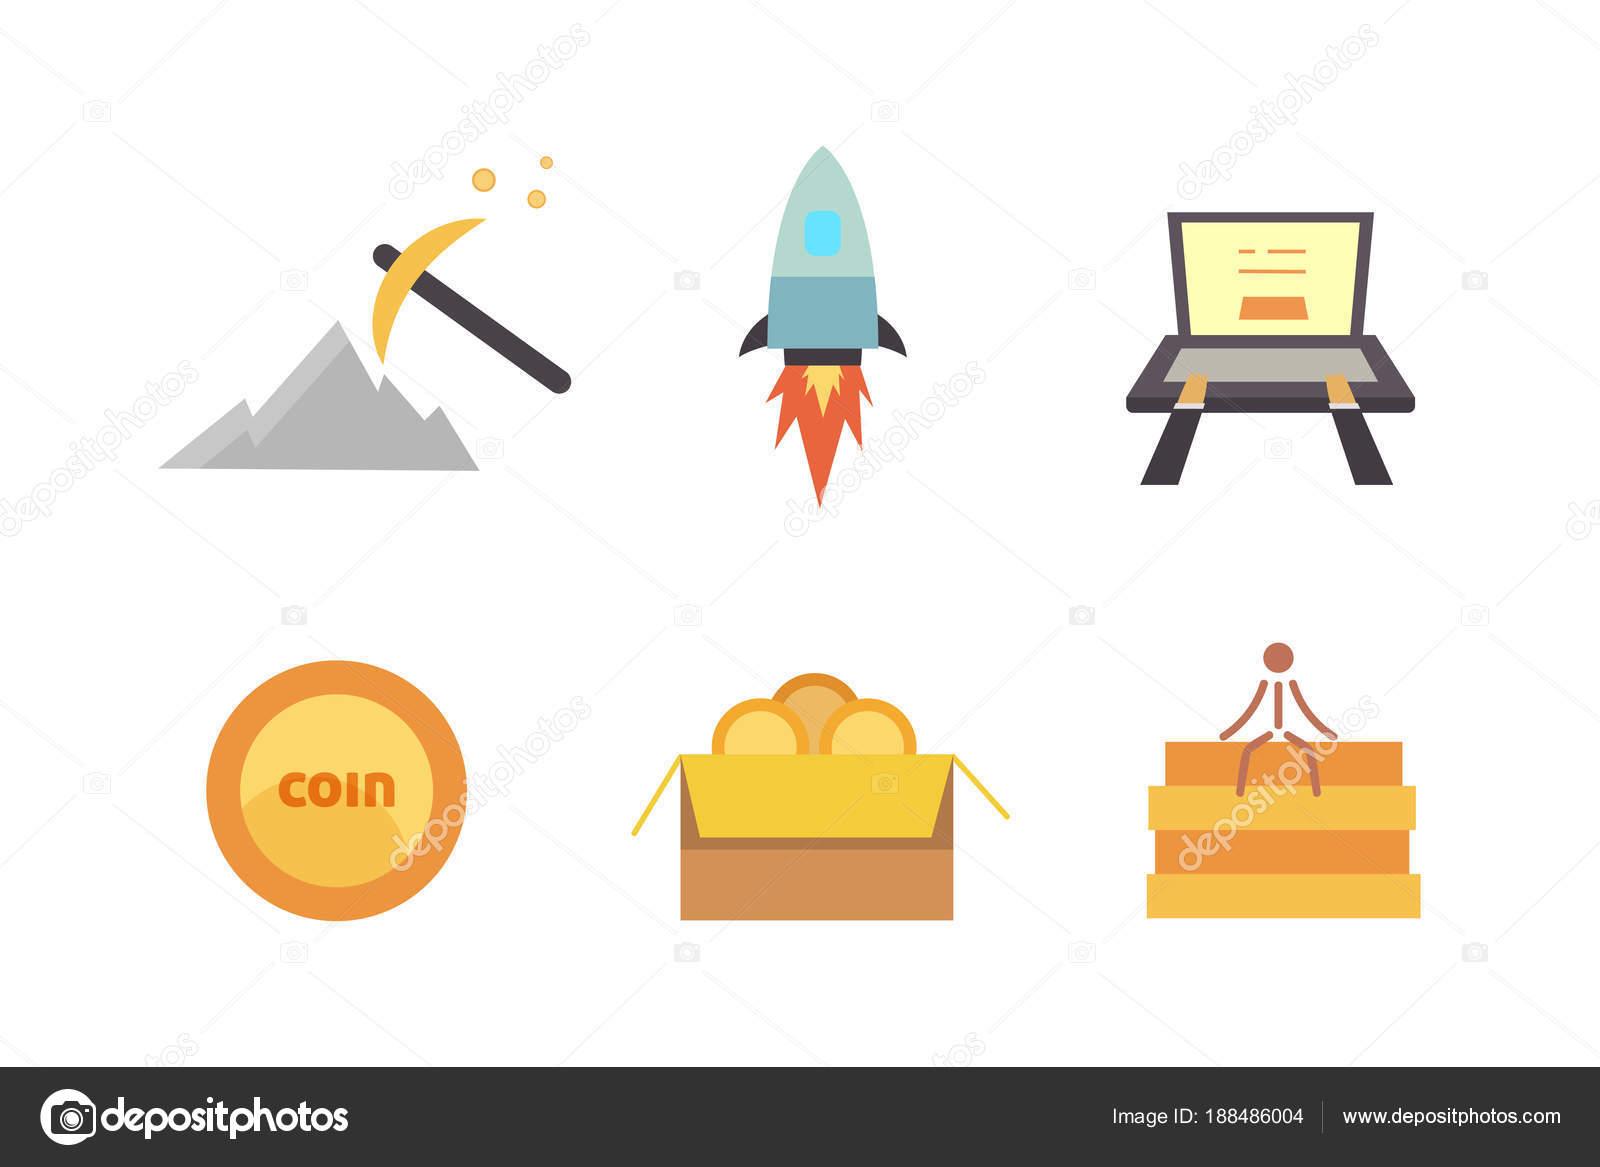 Token ICO vector illustration and blockchain technology